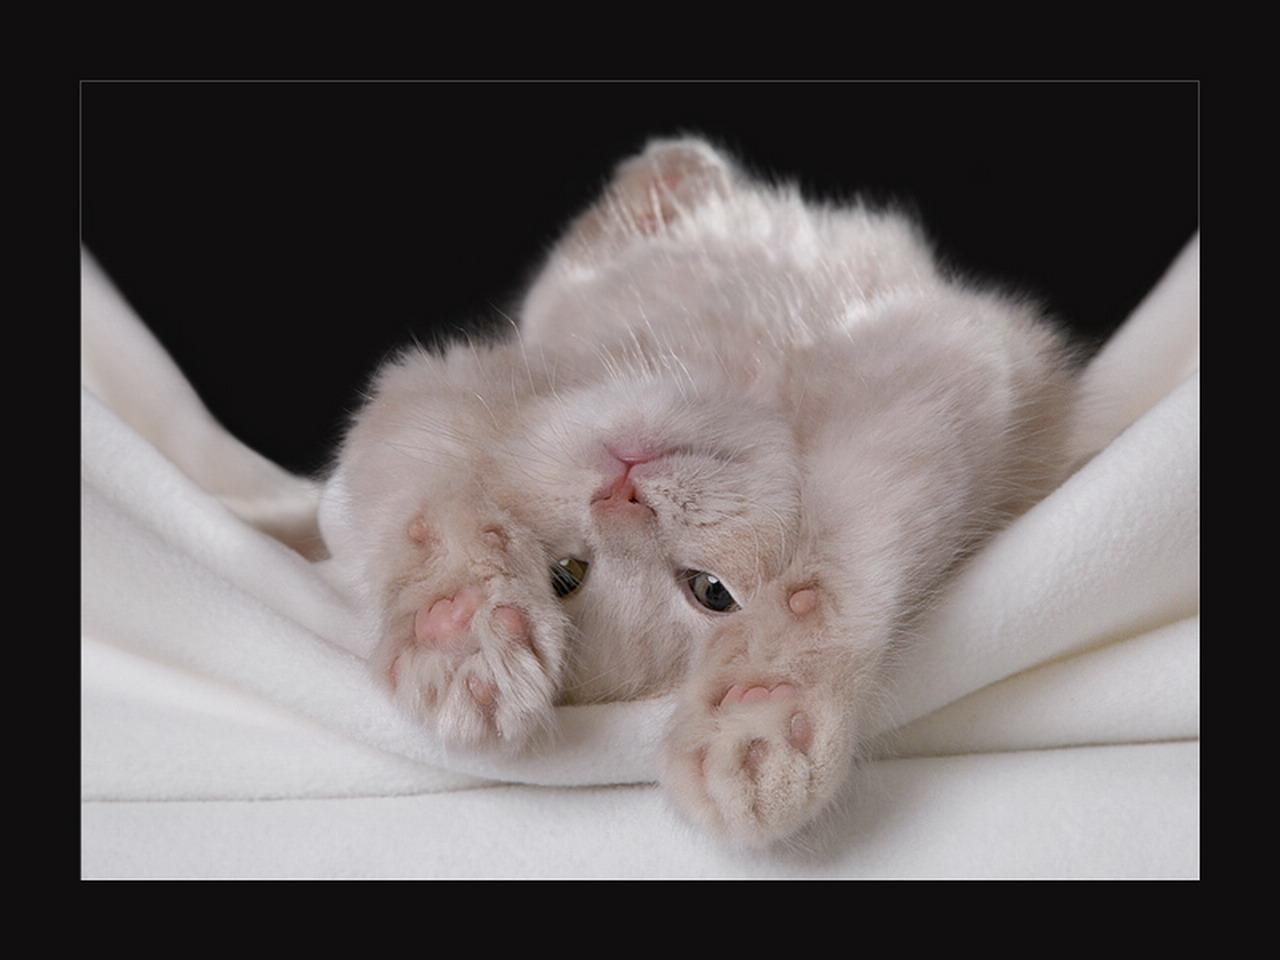 С Добрым утром, котенок! - гиф анимация 31